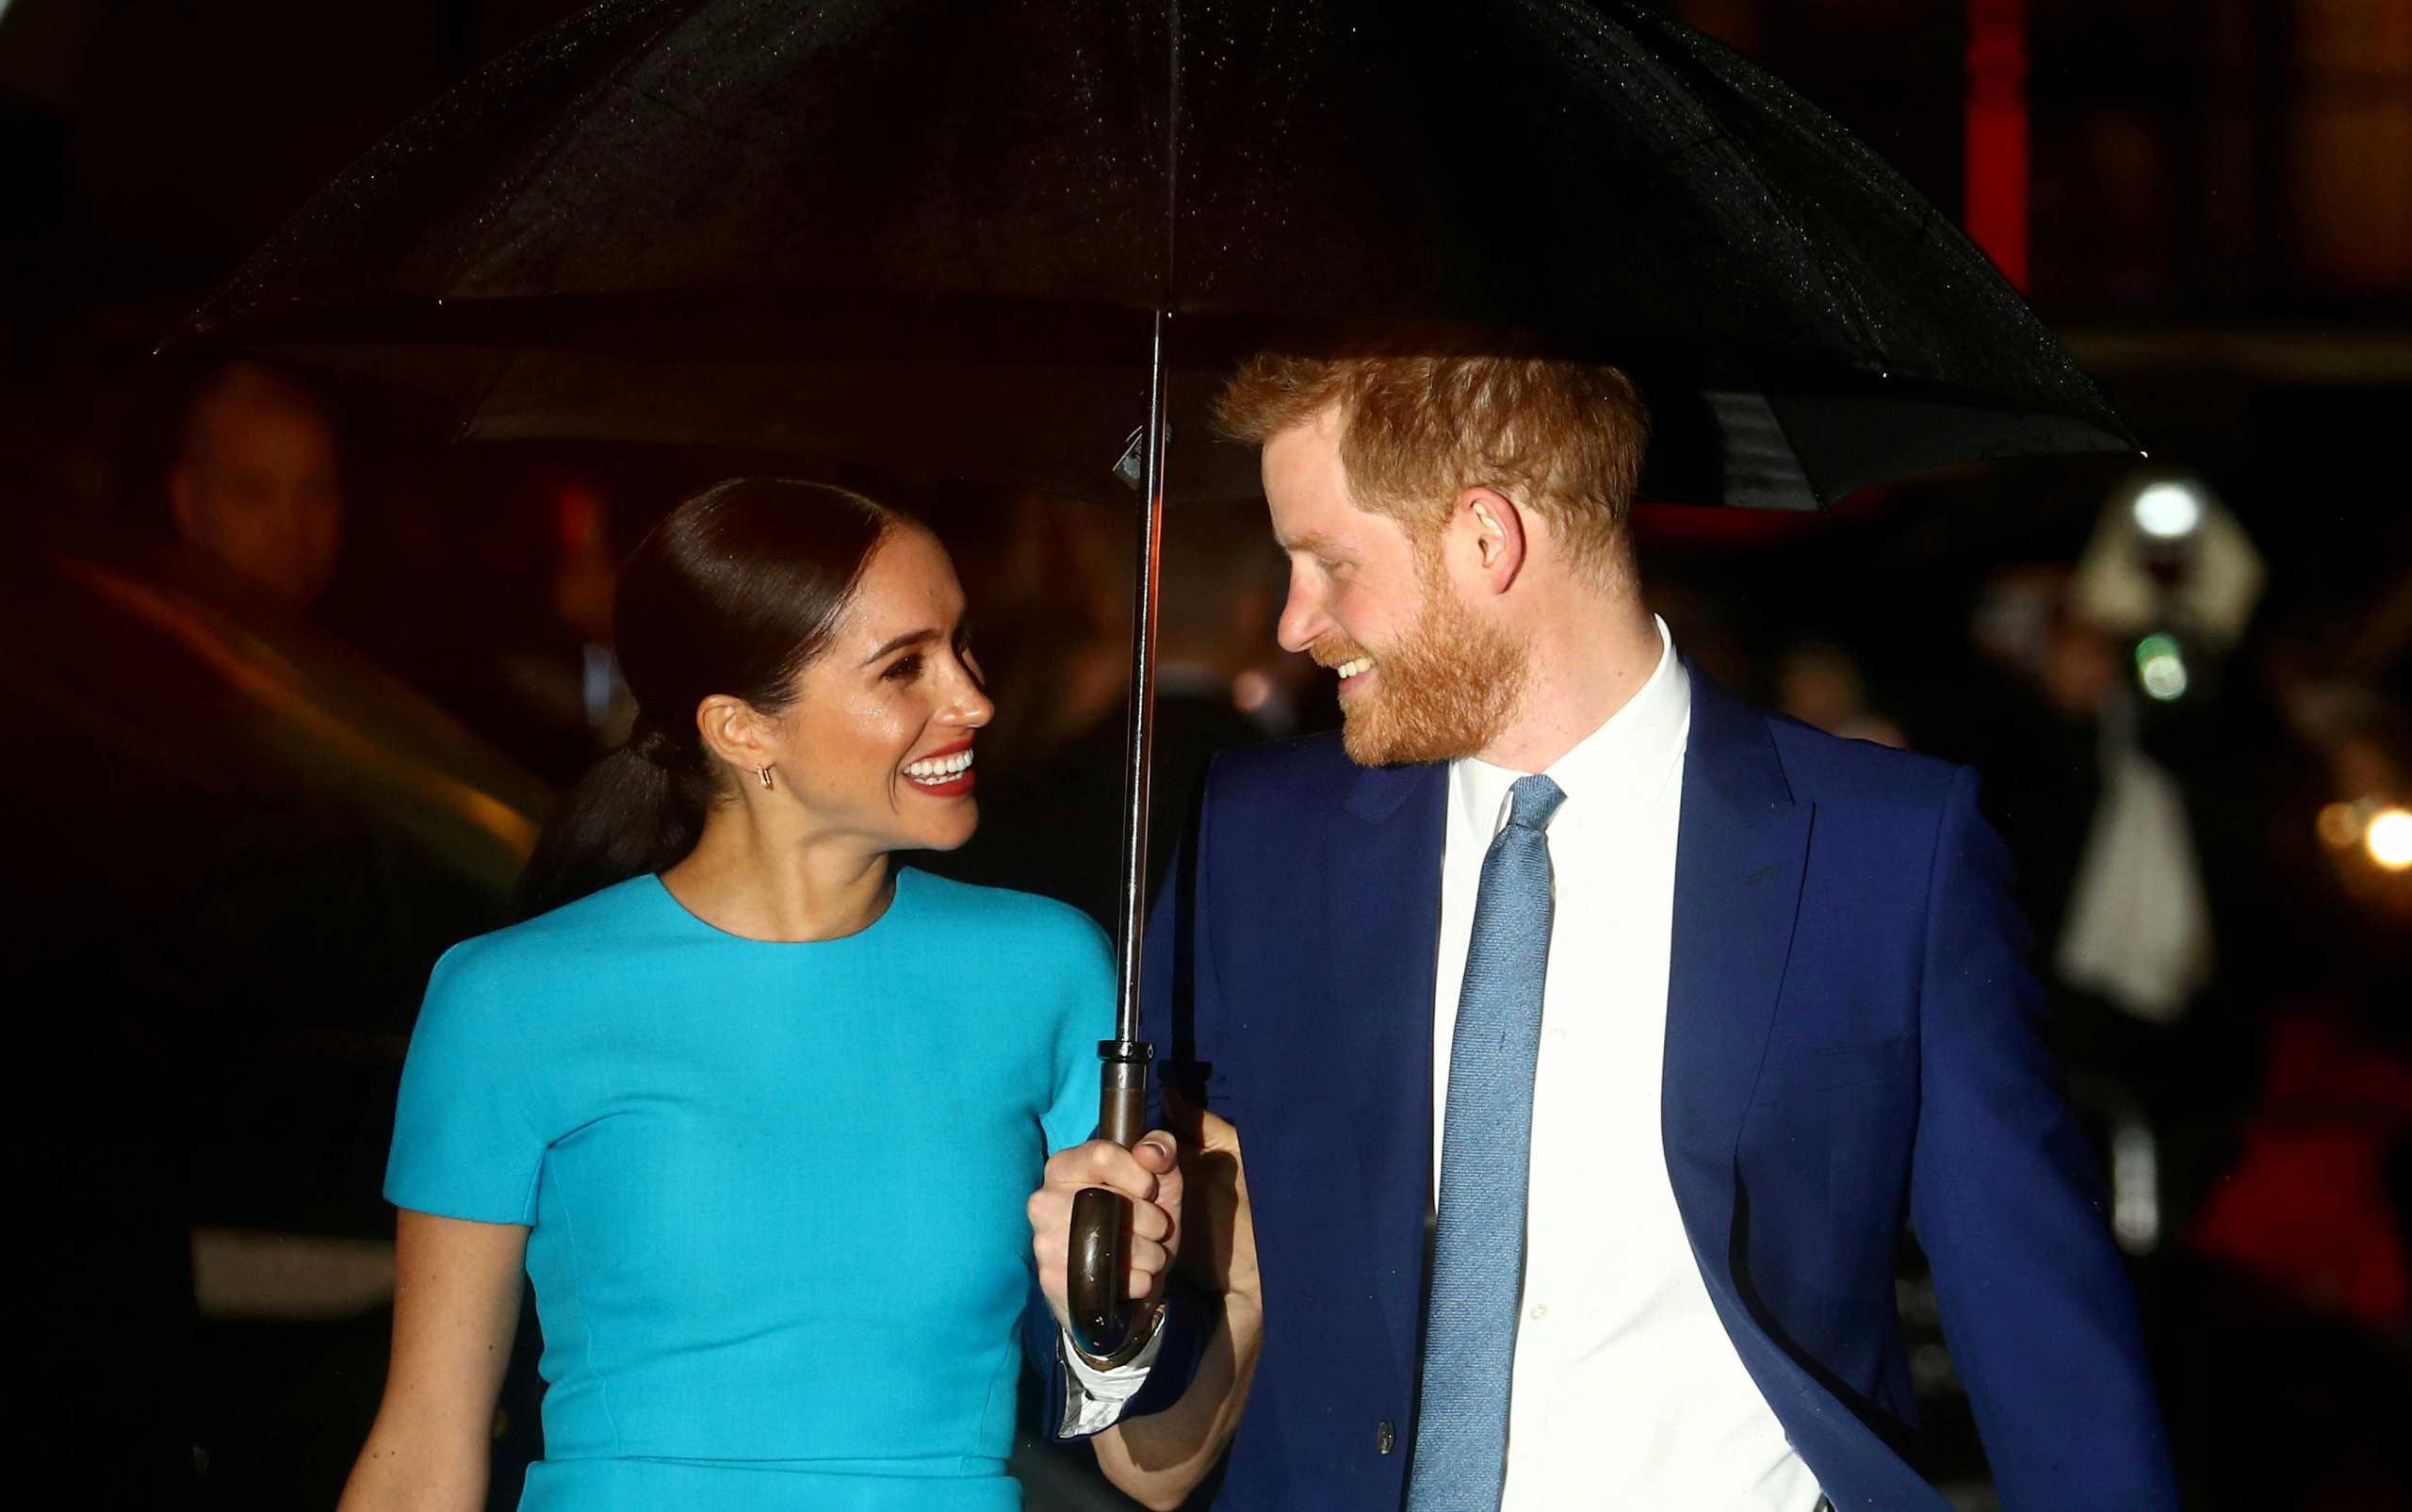 Στα δικαστήρια με το BBC ο Πρίγκιπας Χάρι και η Μέγκαν Μαρκλ